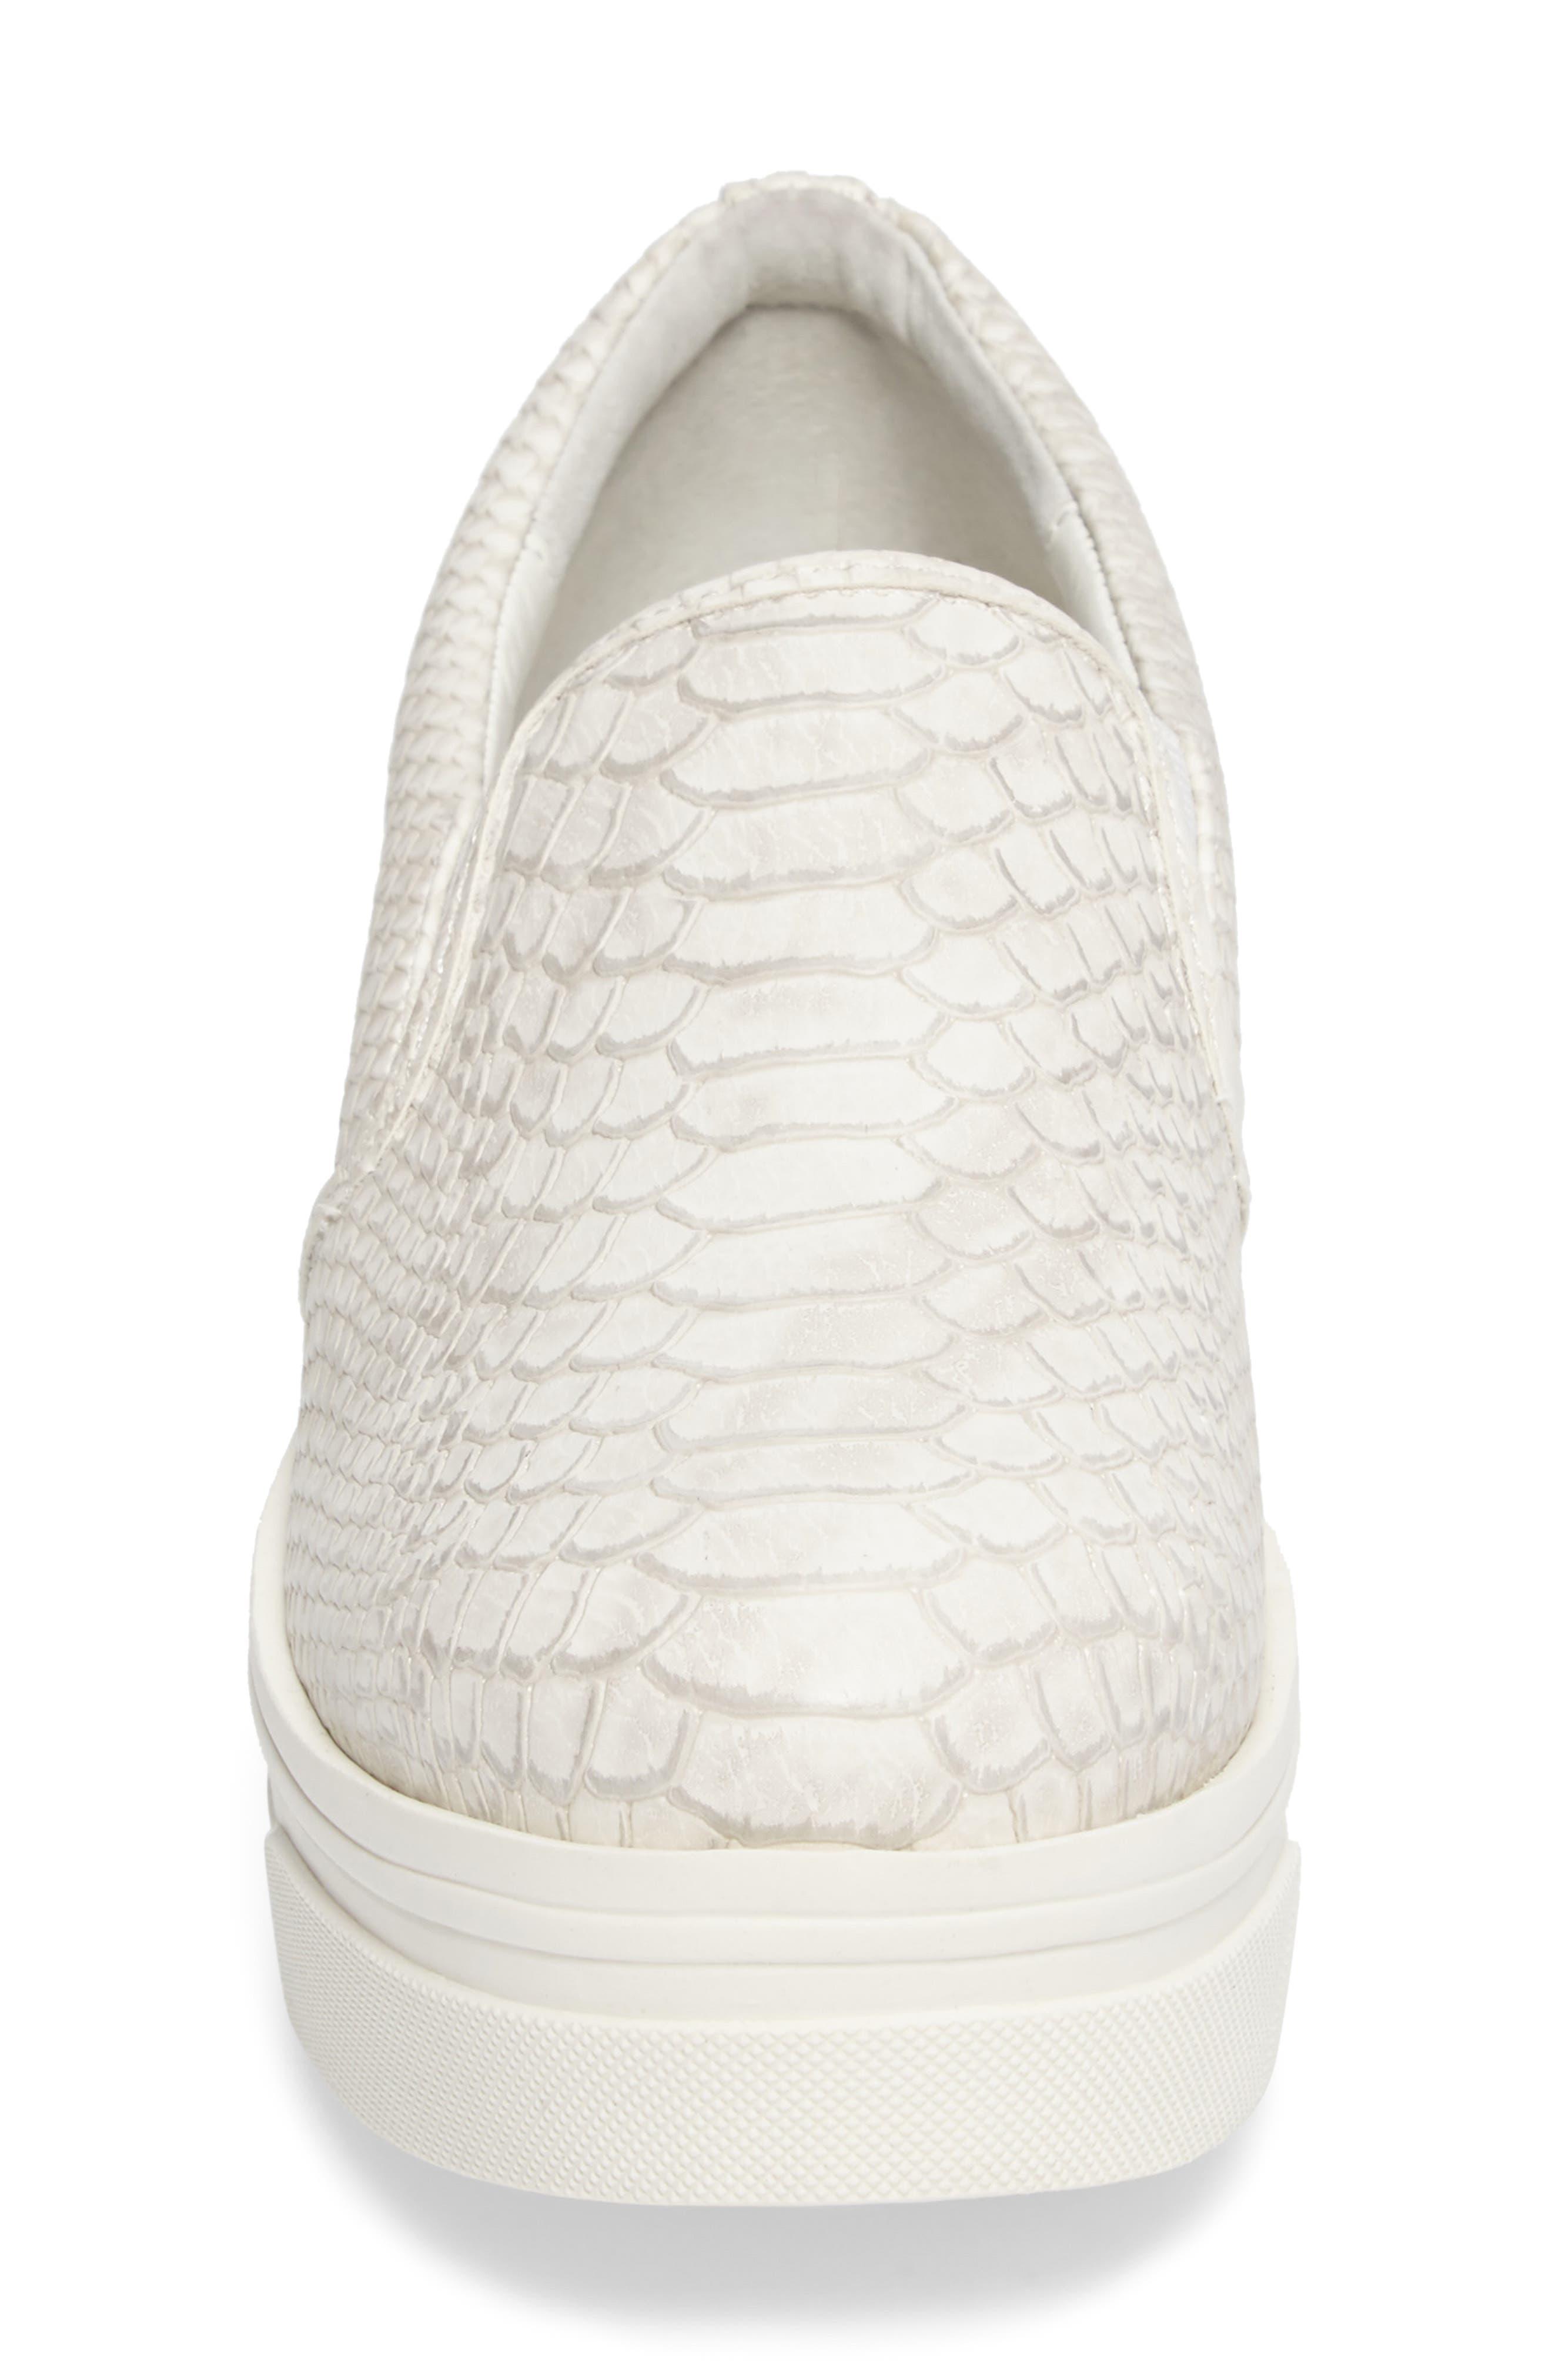 Genna Slip-On Sneaker,                             Alternate thumbnail 4, color,                             White Embossed Leather